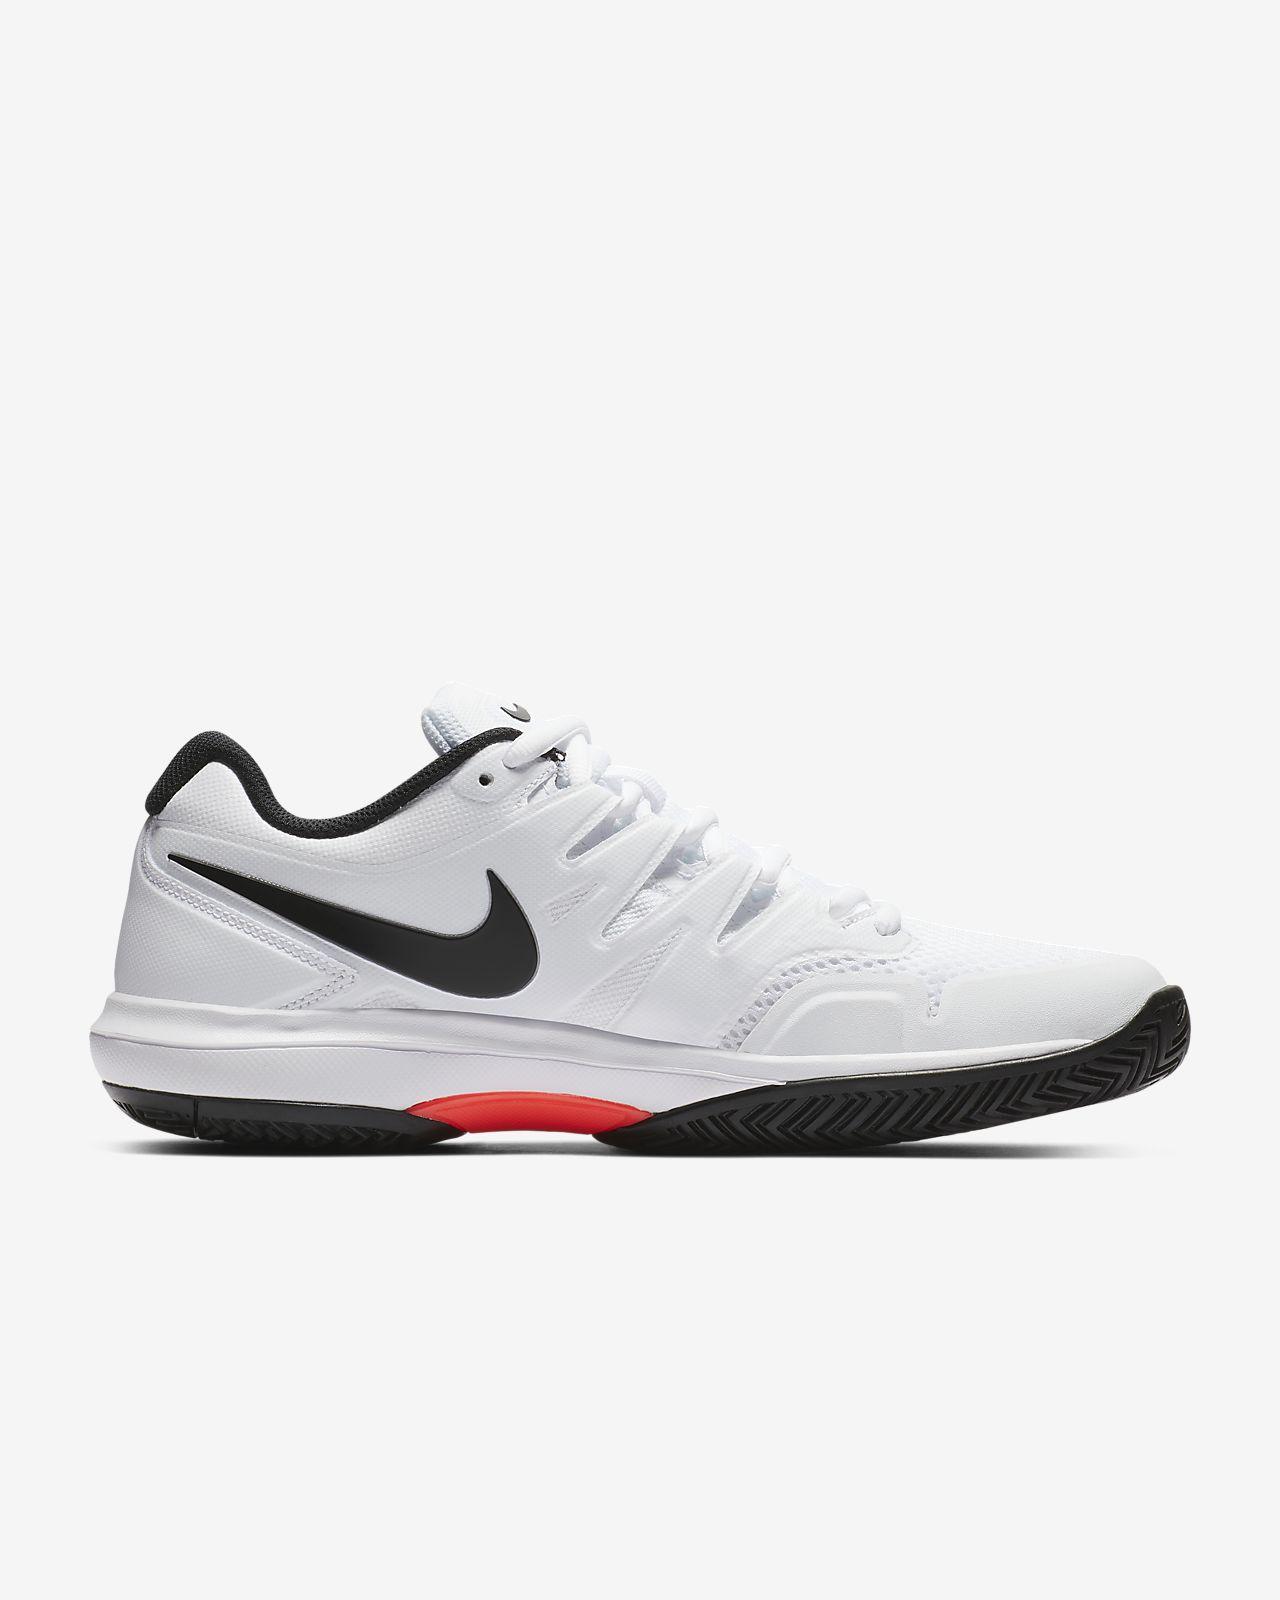 De Homme Surface Dure Air Prestige Pour Zoom Nikecourt Tennis Chaussure dCoWeBrx